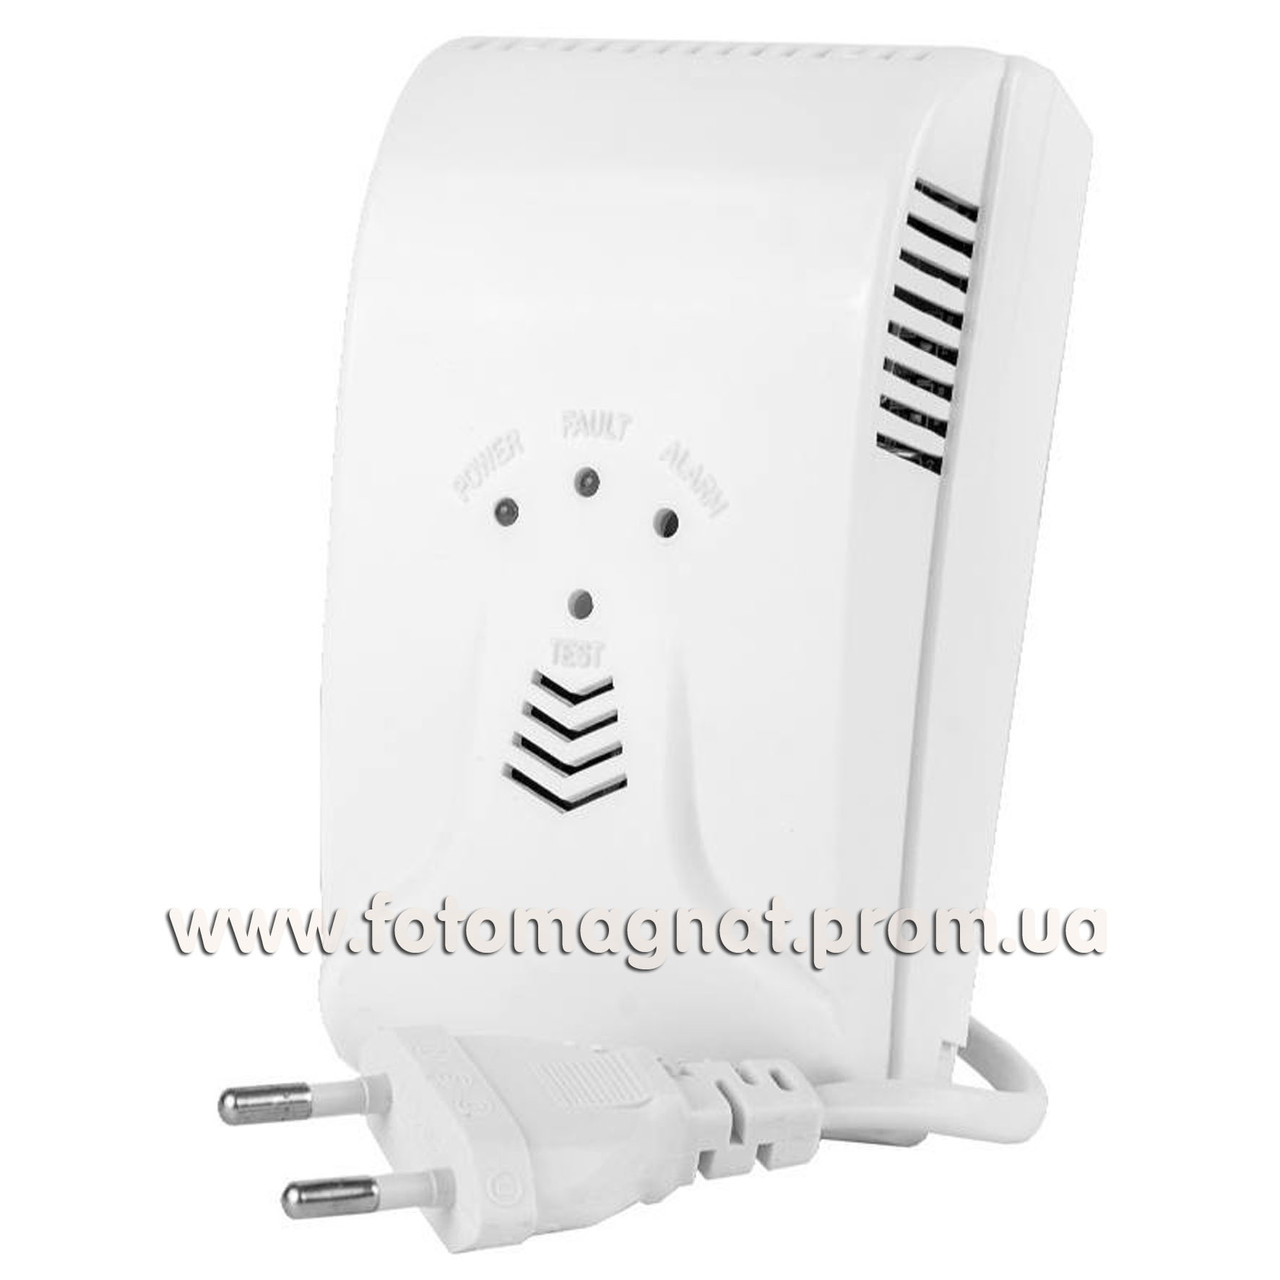 Беспроводной датчик утечки газа COLARIX Simara D-015(датчик газа) - Fotomagnat.net — Выгодные покупки начинаются здесь в Днепре